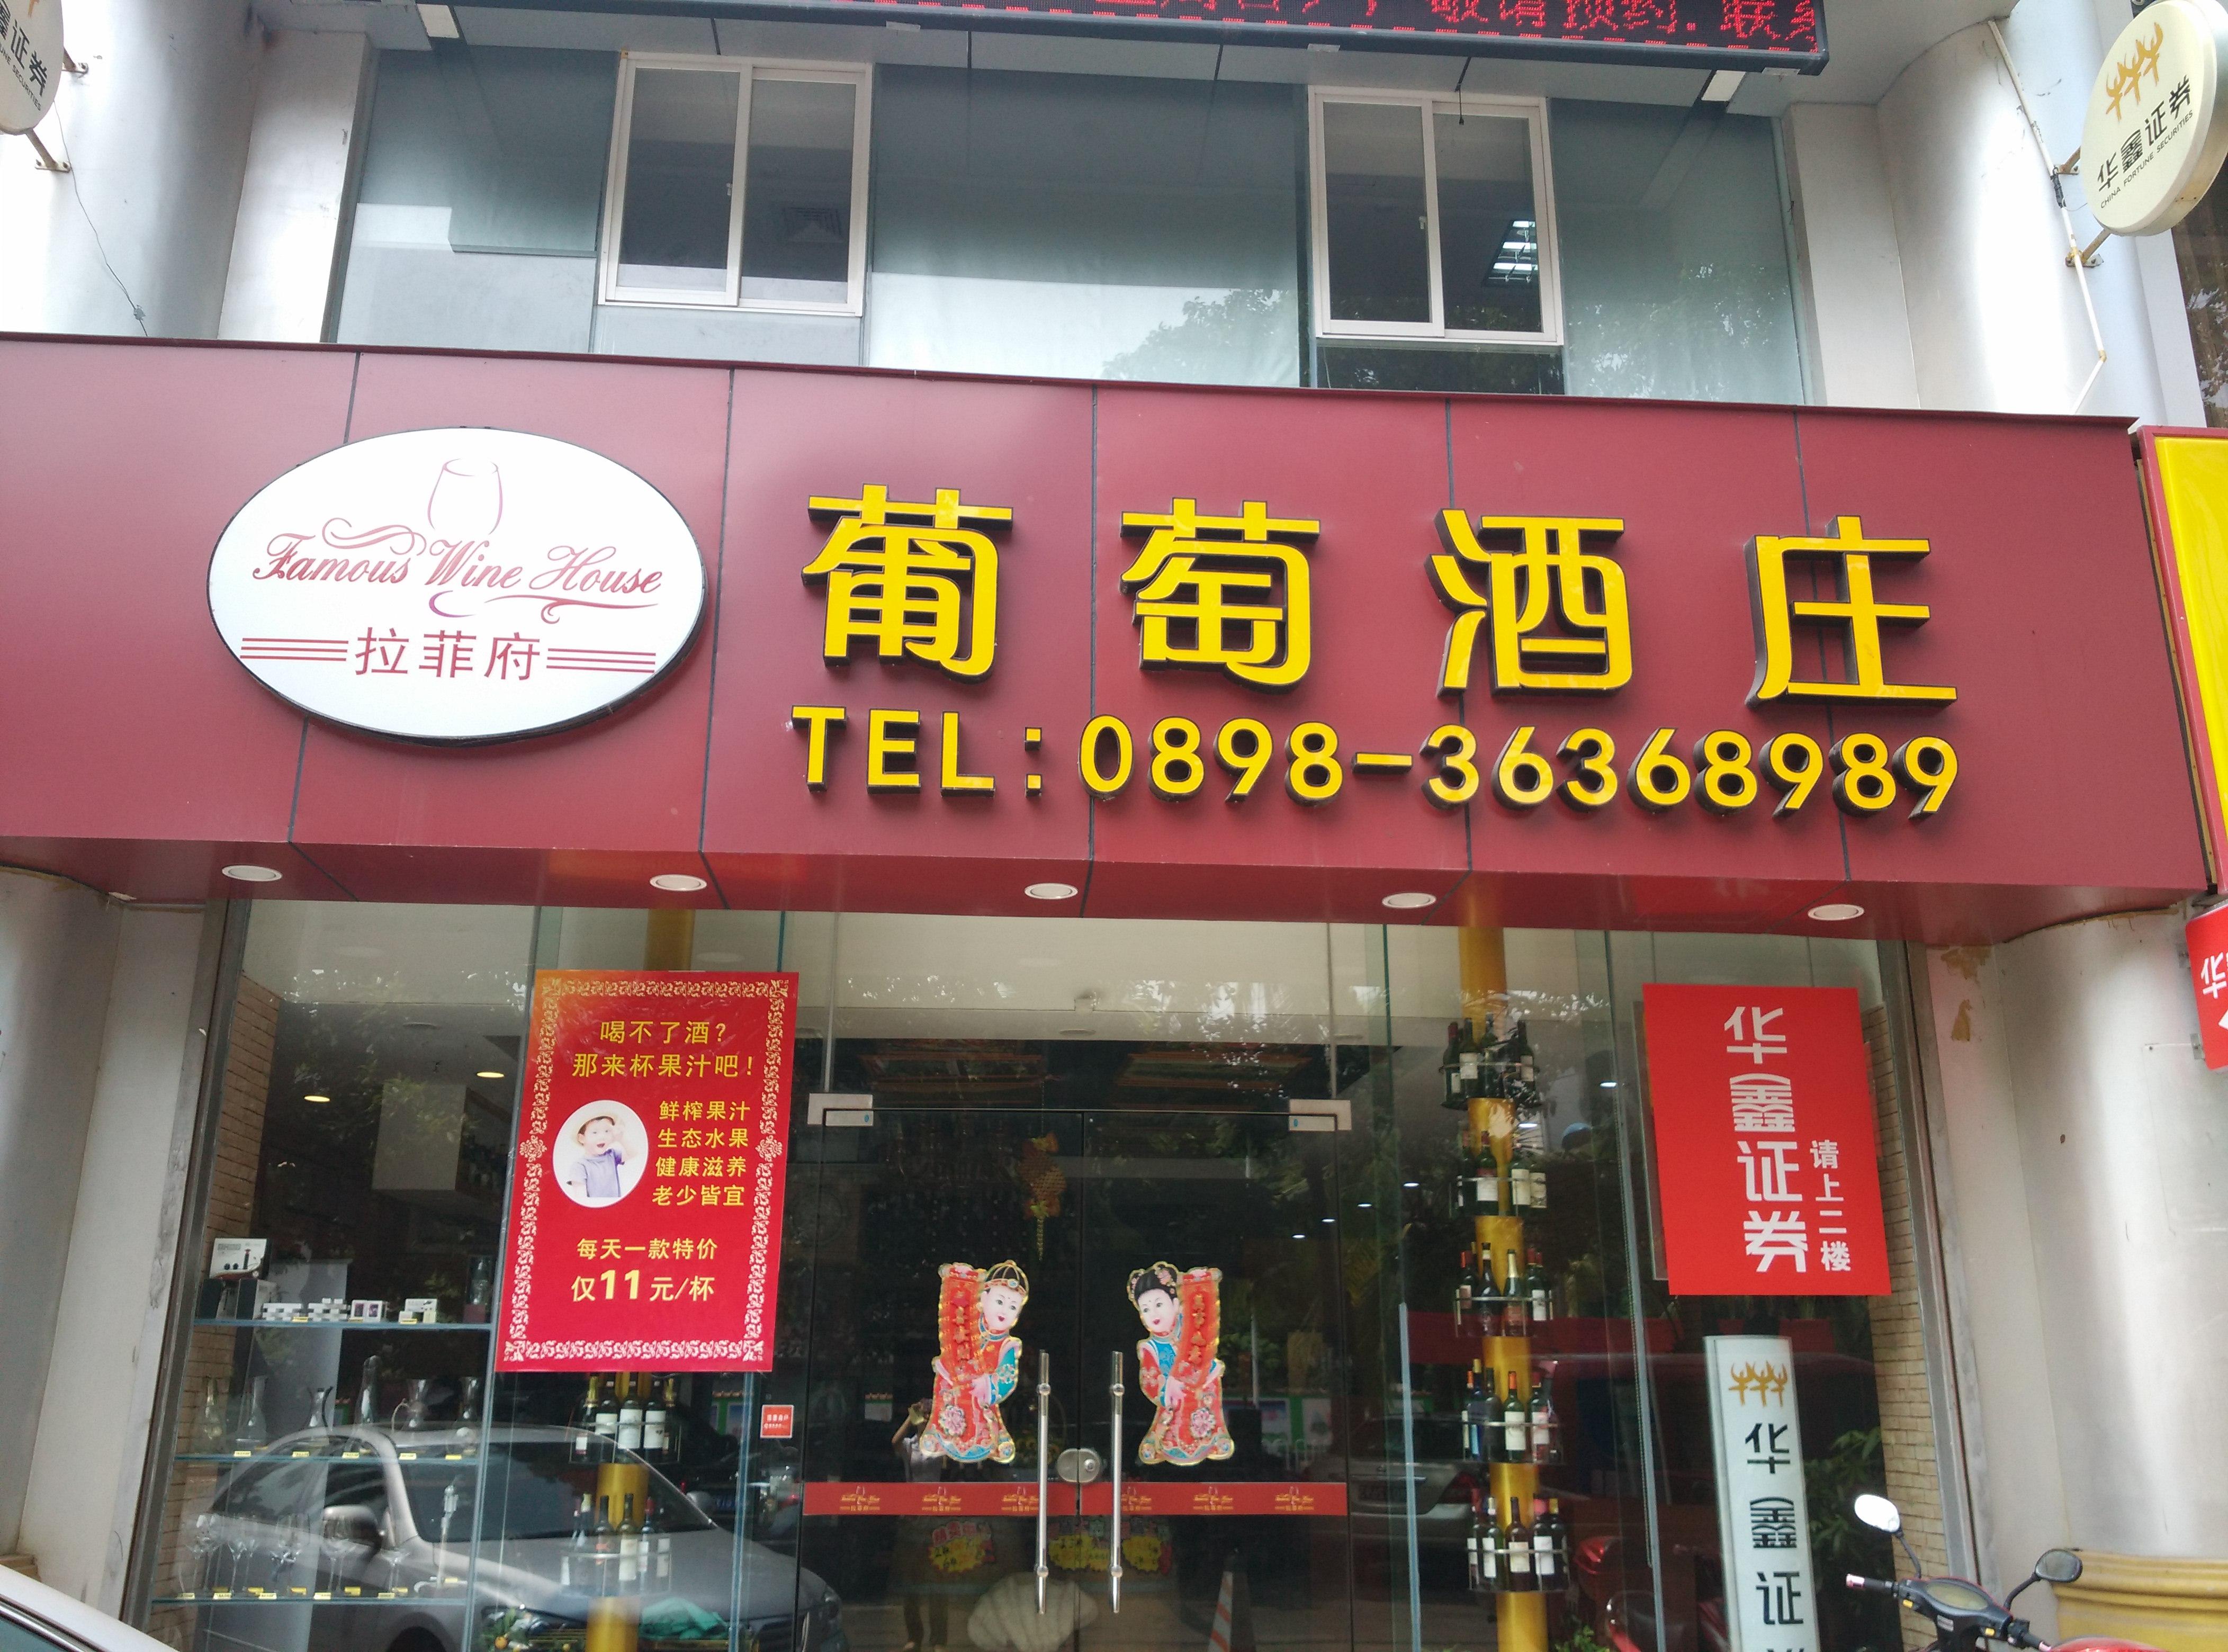 海口龙华拉菲府贸易商行优惠折扣及电话地址